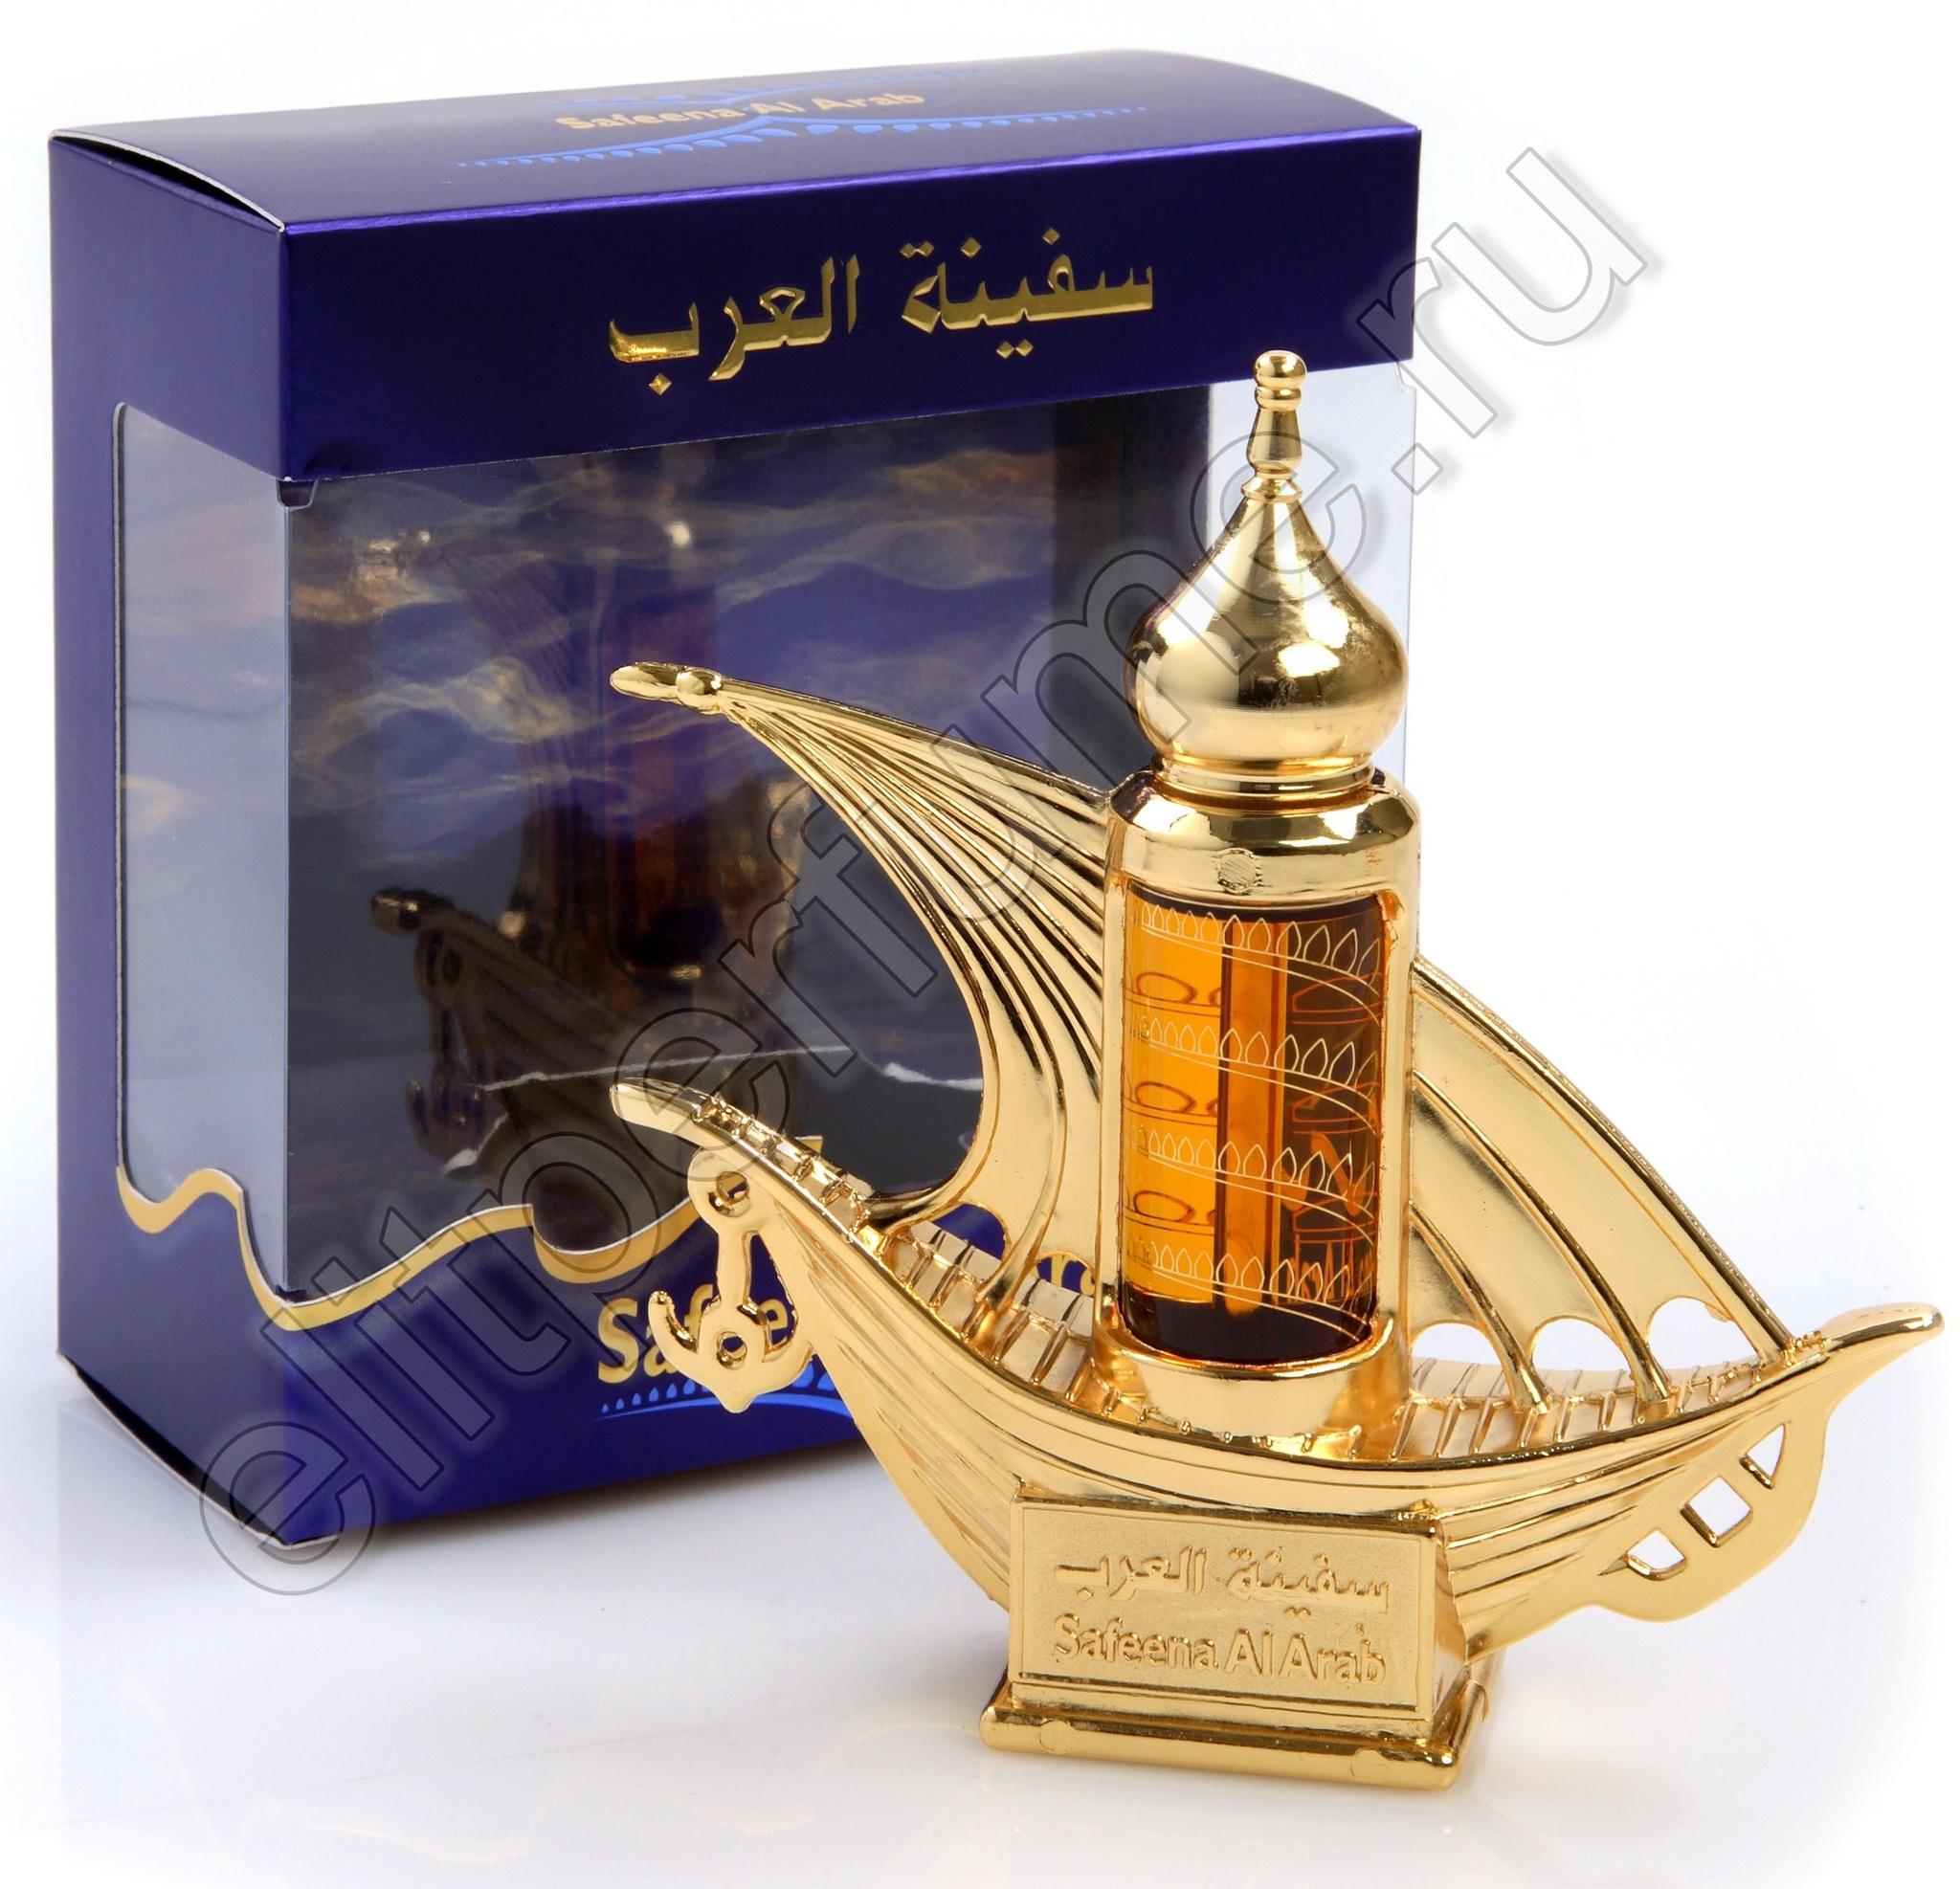 Пробники для духов Сафина Аль Араб Safeena Al Arab 1 мл арабские масляные духи от Аль Харамайн Al Haramin Perfumes